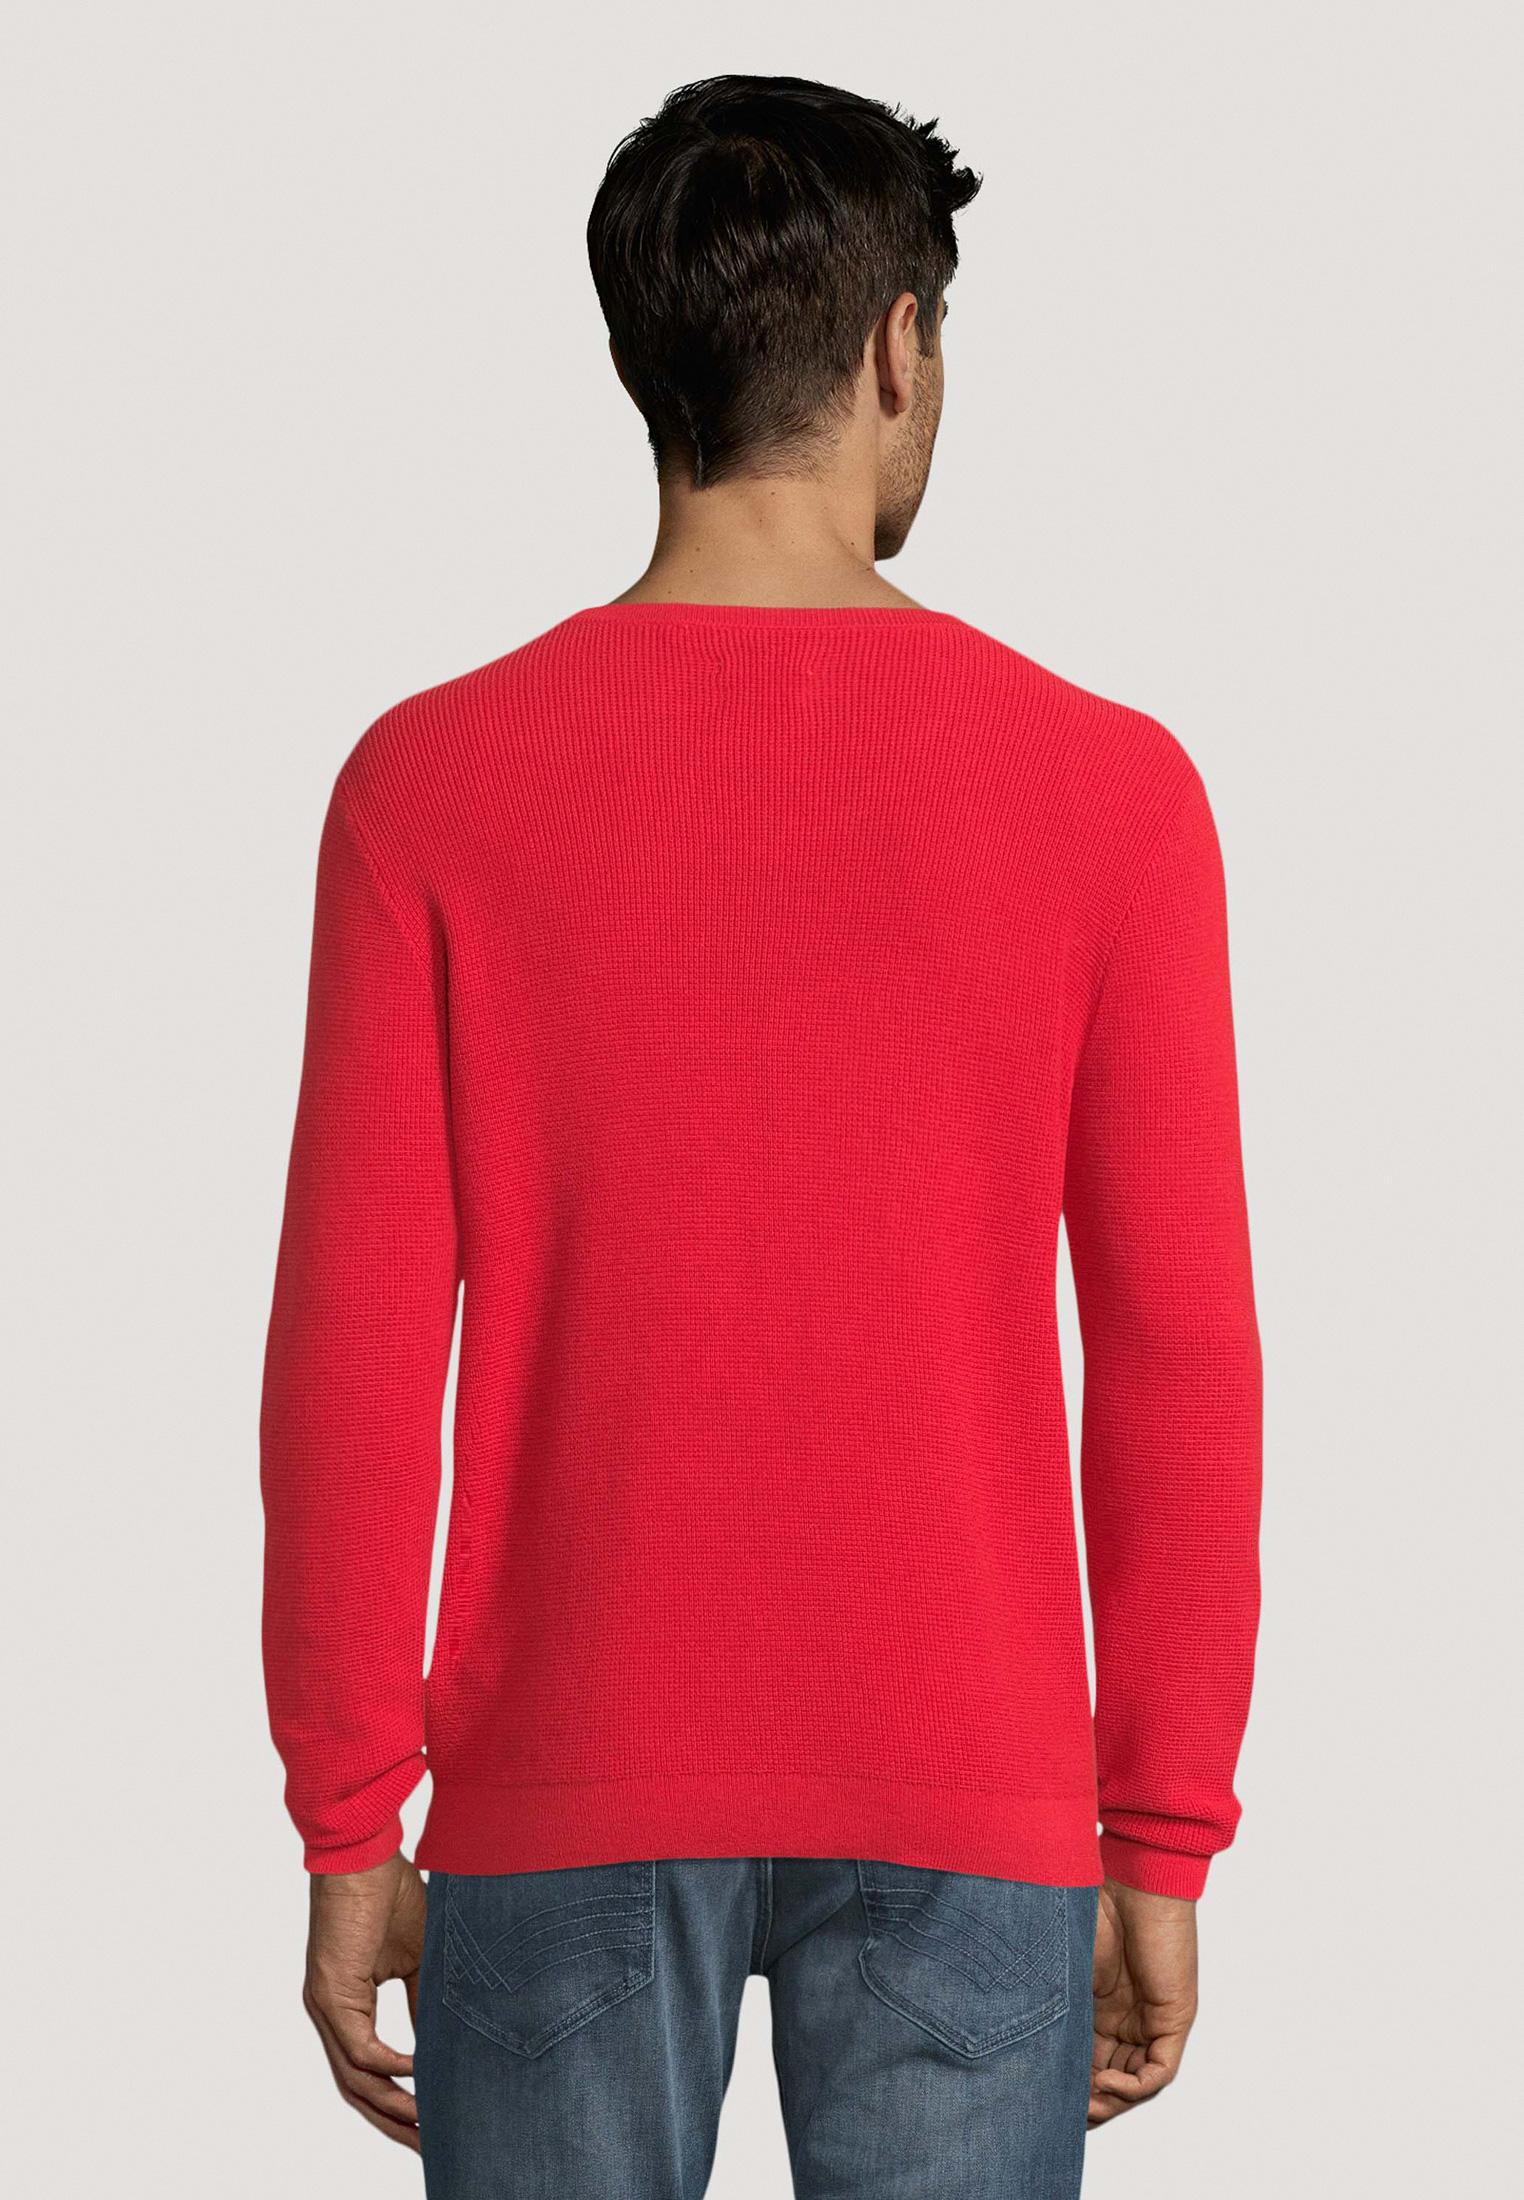 Пуловер Tom Tailor (Том Тейлор) 1023150: изображение 3